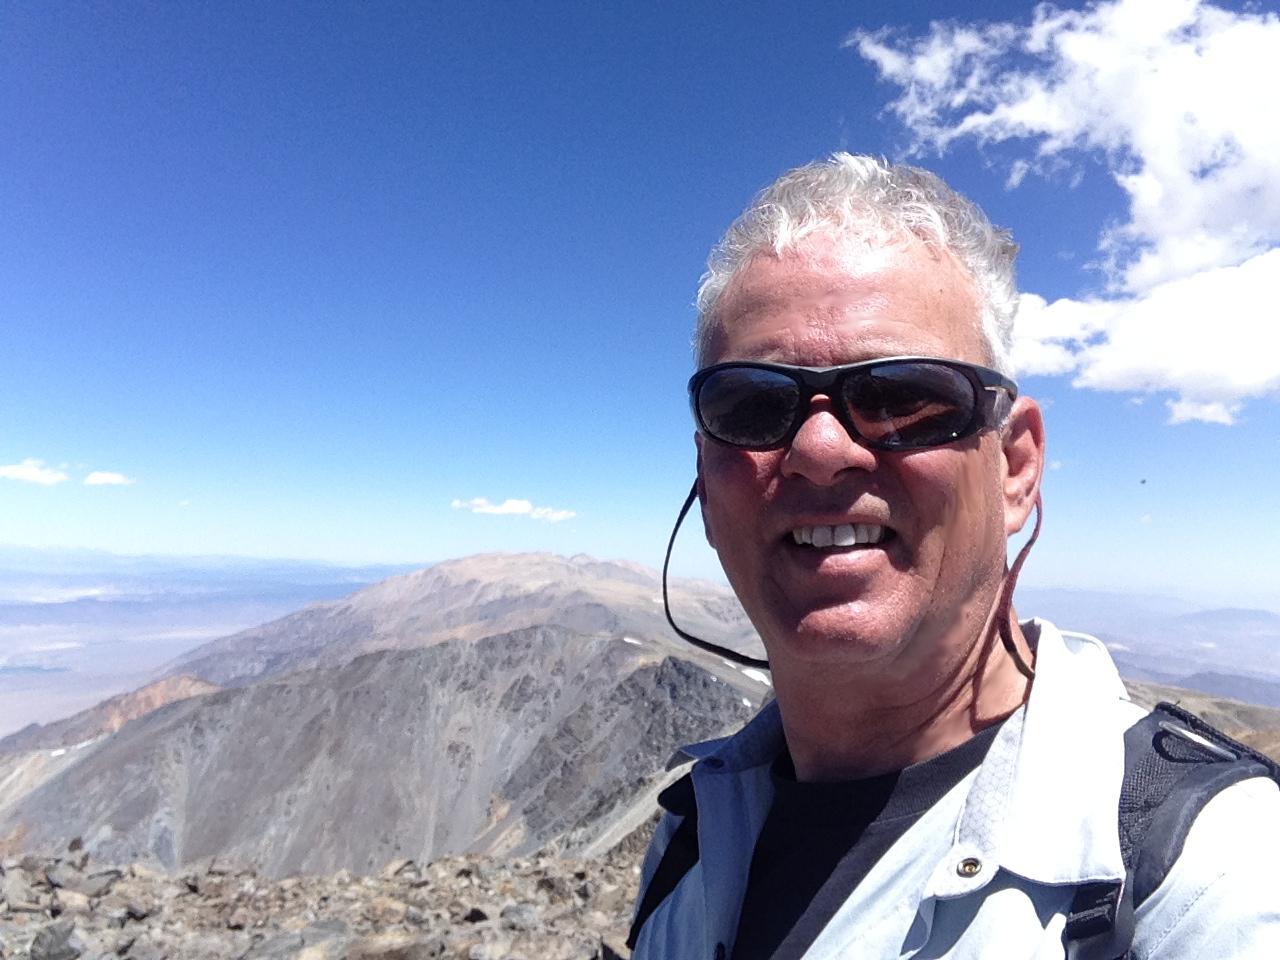 Glen MacDonald on summit of White Mountain, California 14,252 ft